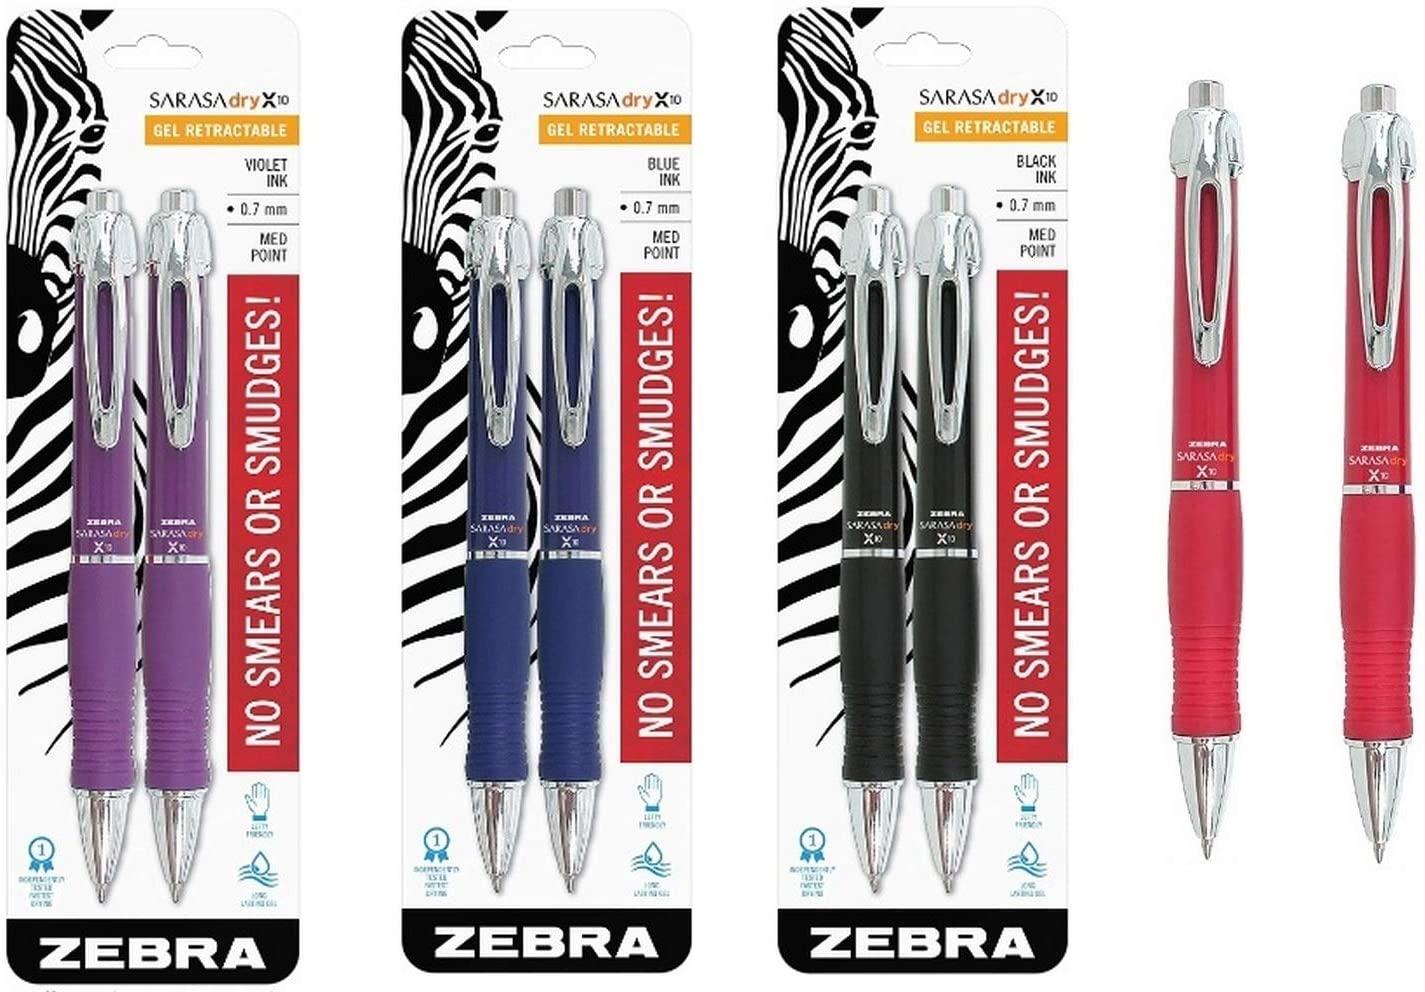 (4) Zebra X10 Retractable Gel Pen, Medium Point, 0.7mm, Red Barrel, Acid Free Red Ink, 2 Pens, 2-Pack Black Ink (42612) Violet Ink (42682) Blue Ink (42622)